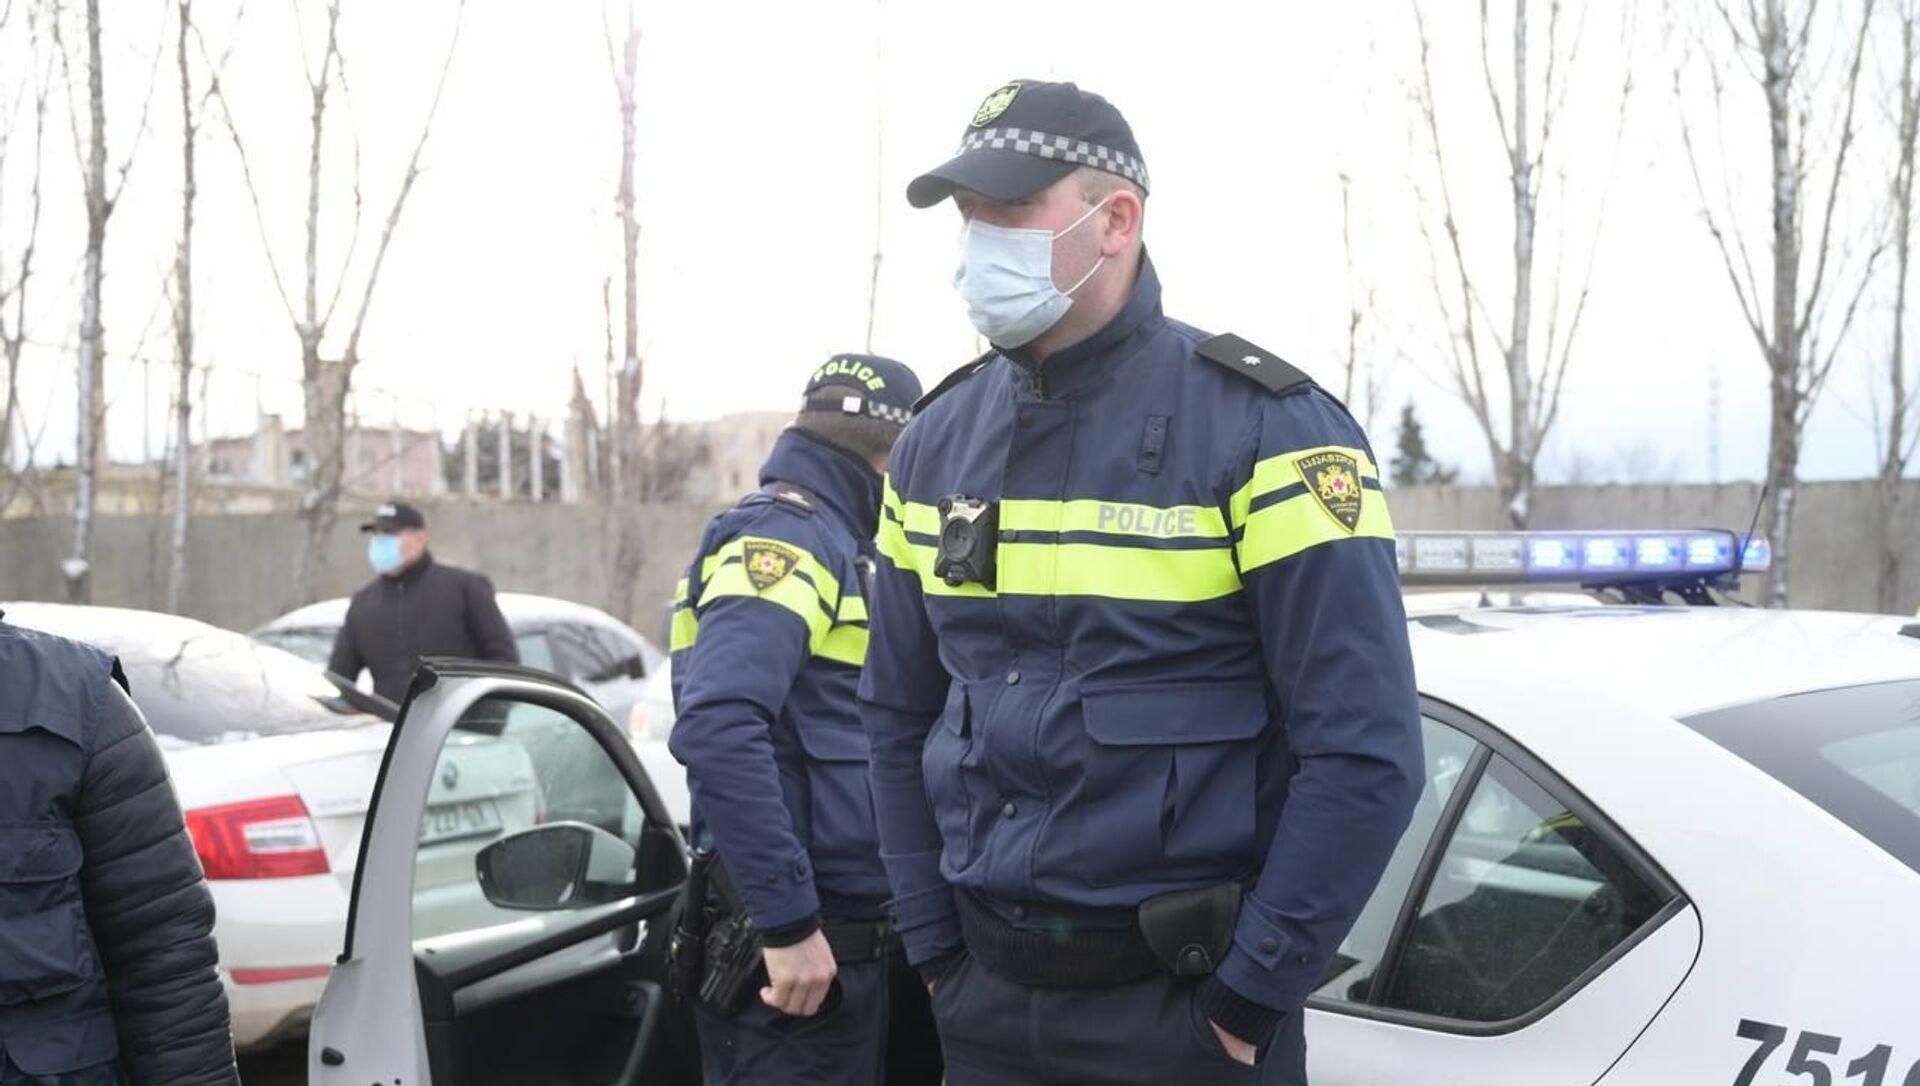 Полиция у офиса Единого нацдвижения 18 февраля 2021 года - Sputnik Грузия, 1920, 18.02.2021